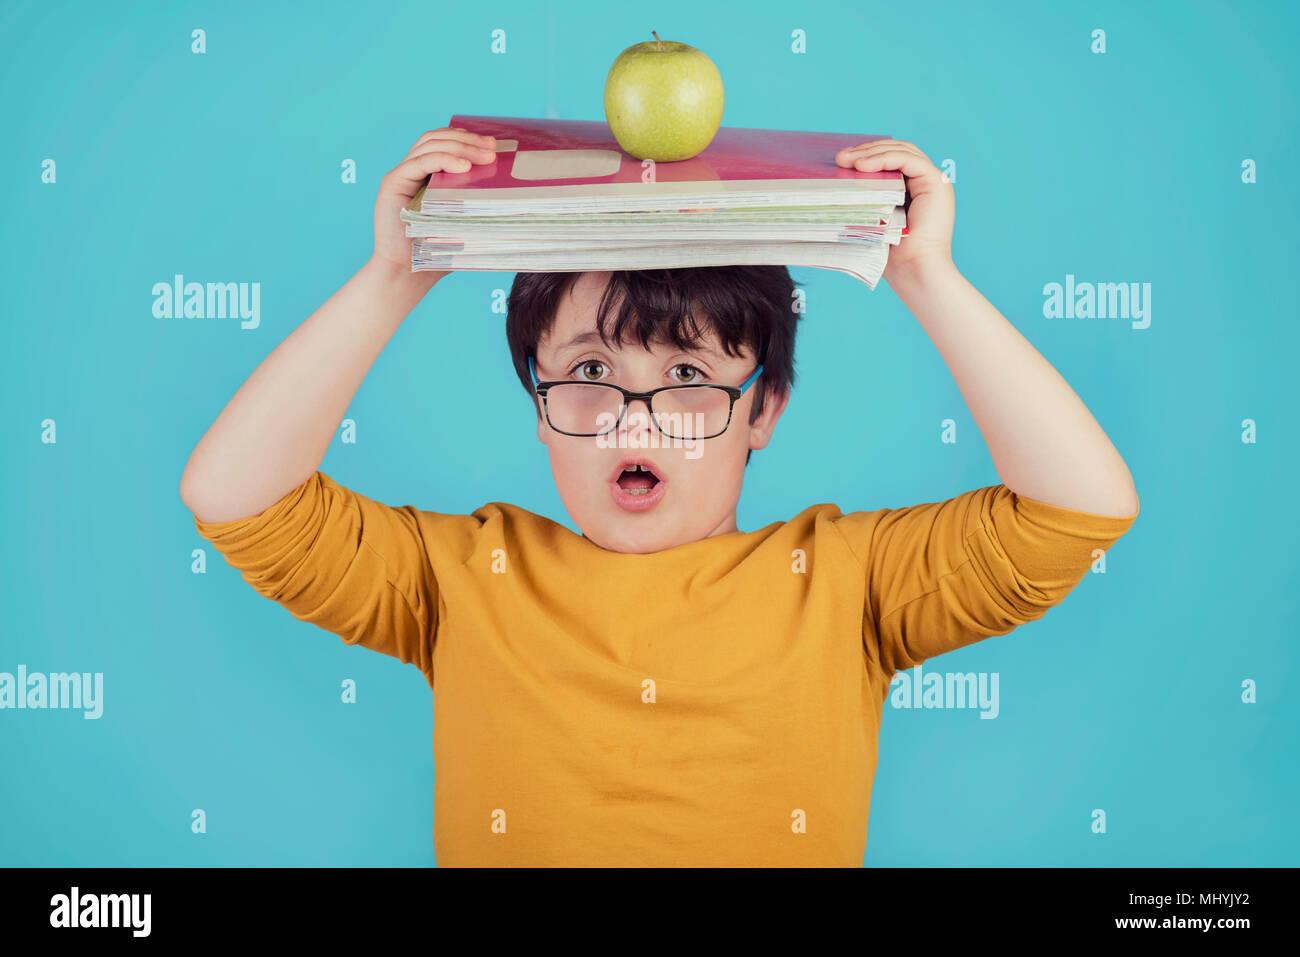 Garçon surpris avec des livres et d'apple sur fond bleu Photo Stock